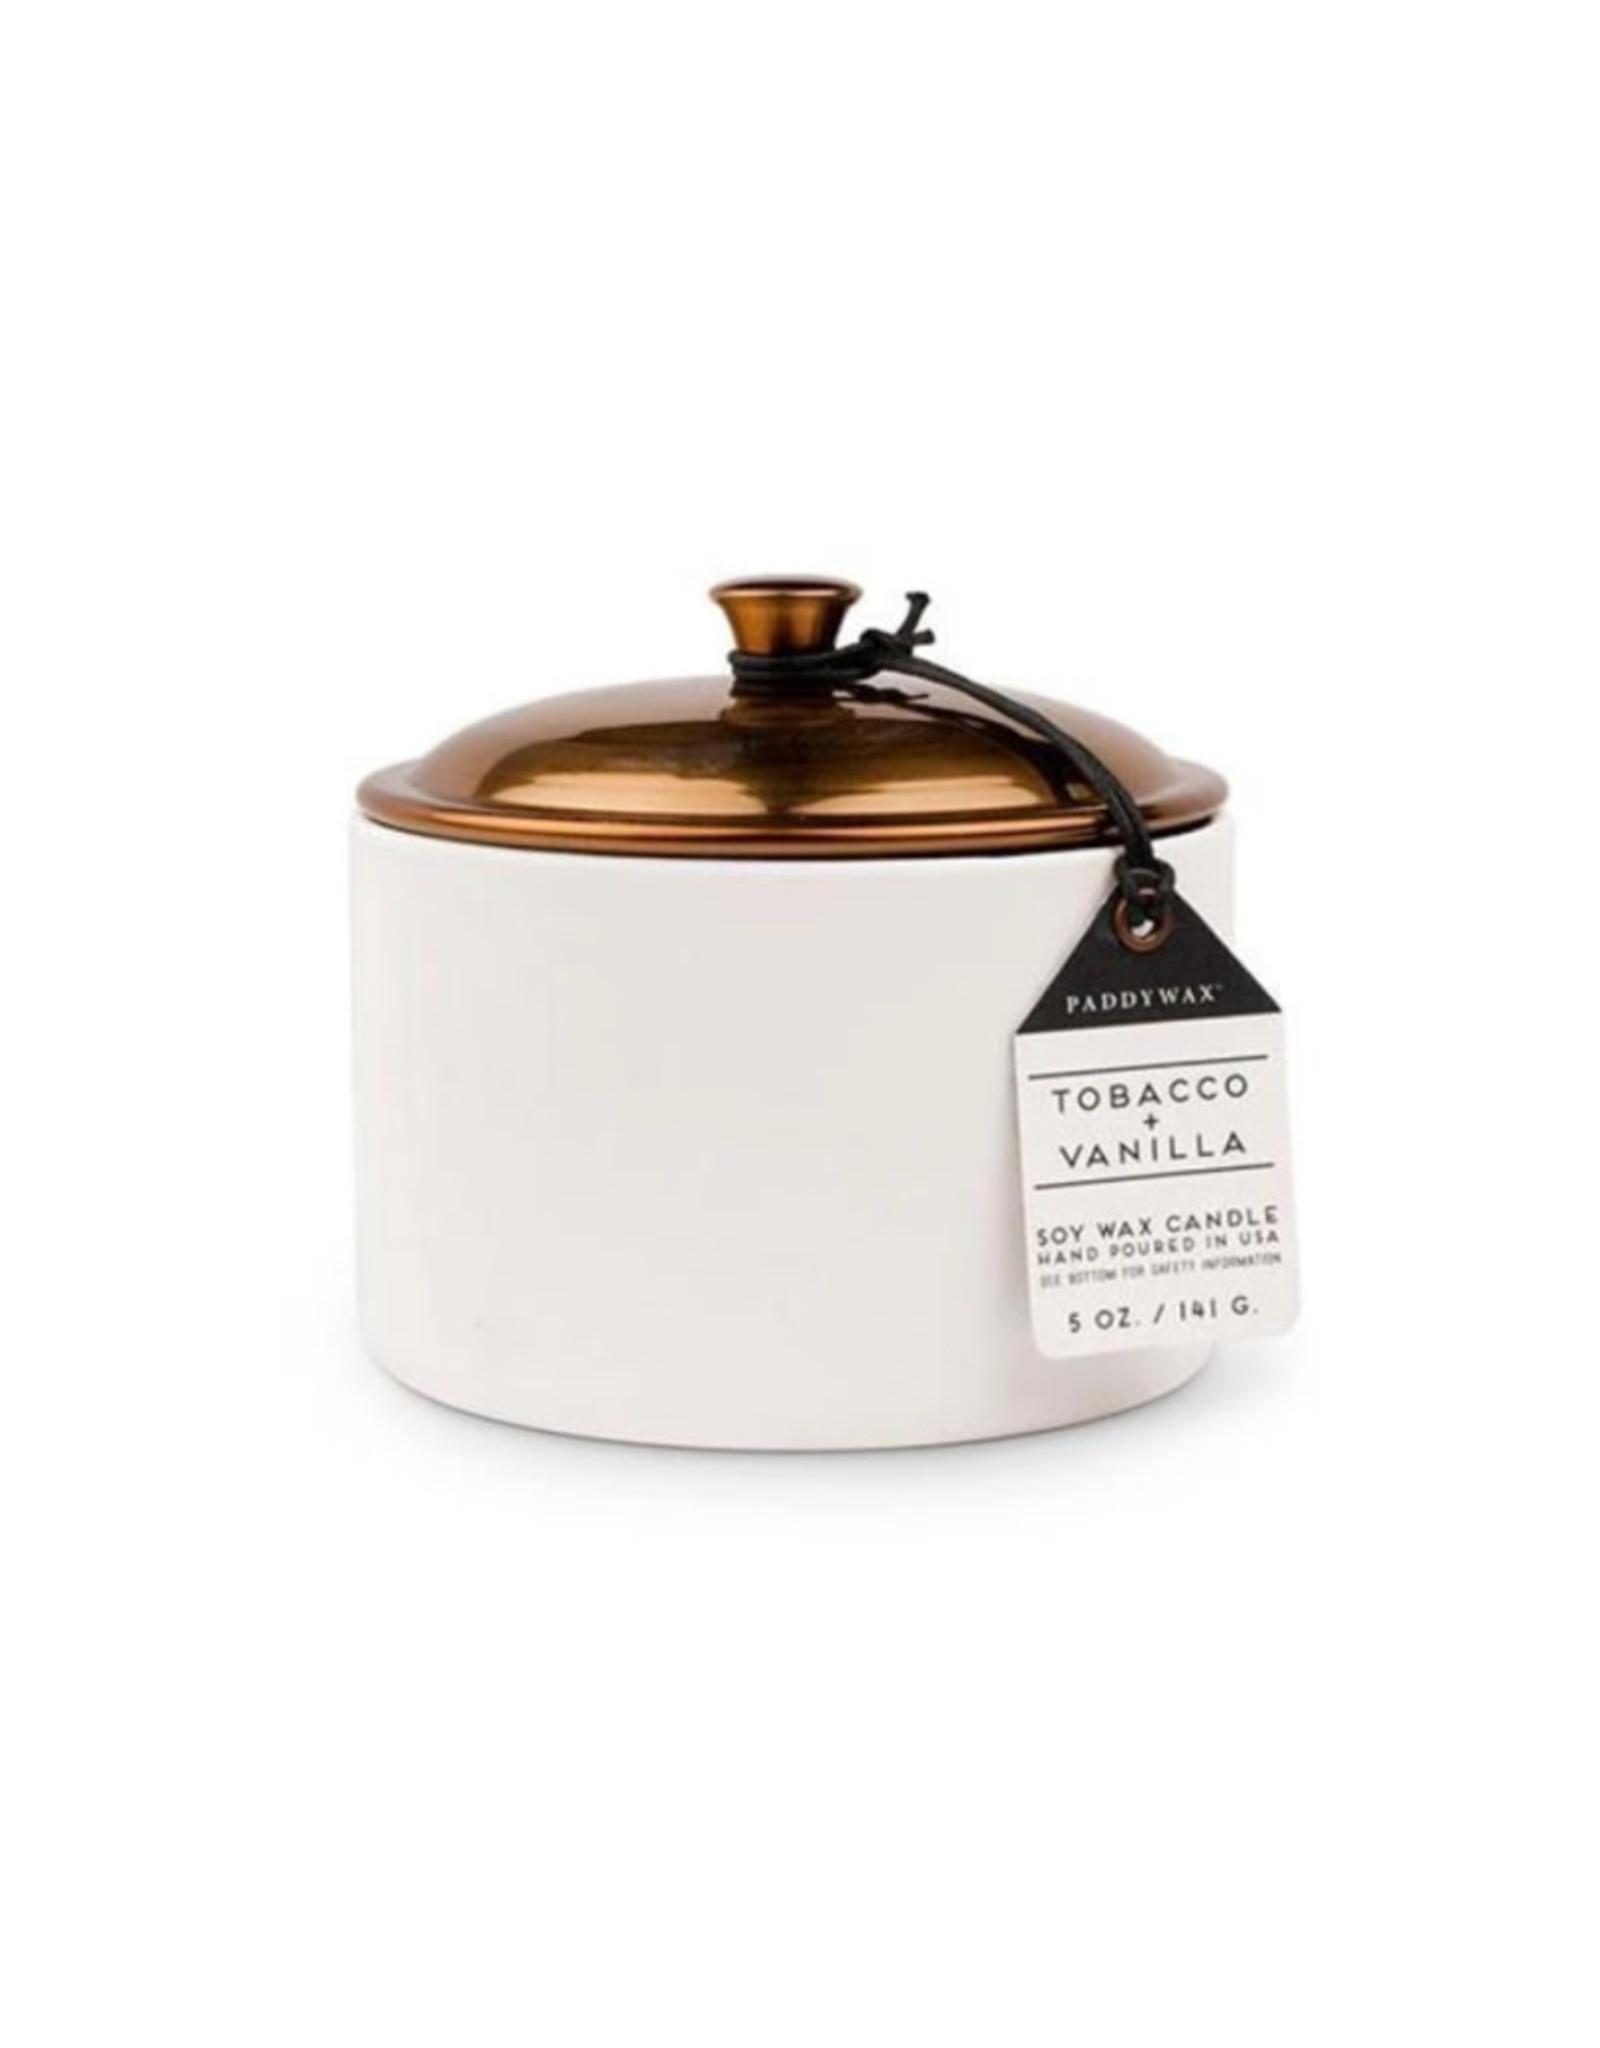 Hygge Candle - Tobacco & Vanilla - 5oz.